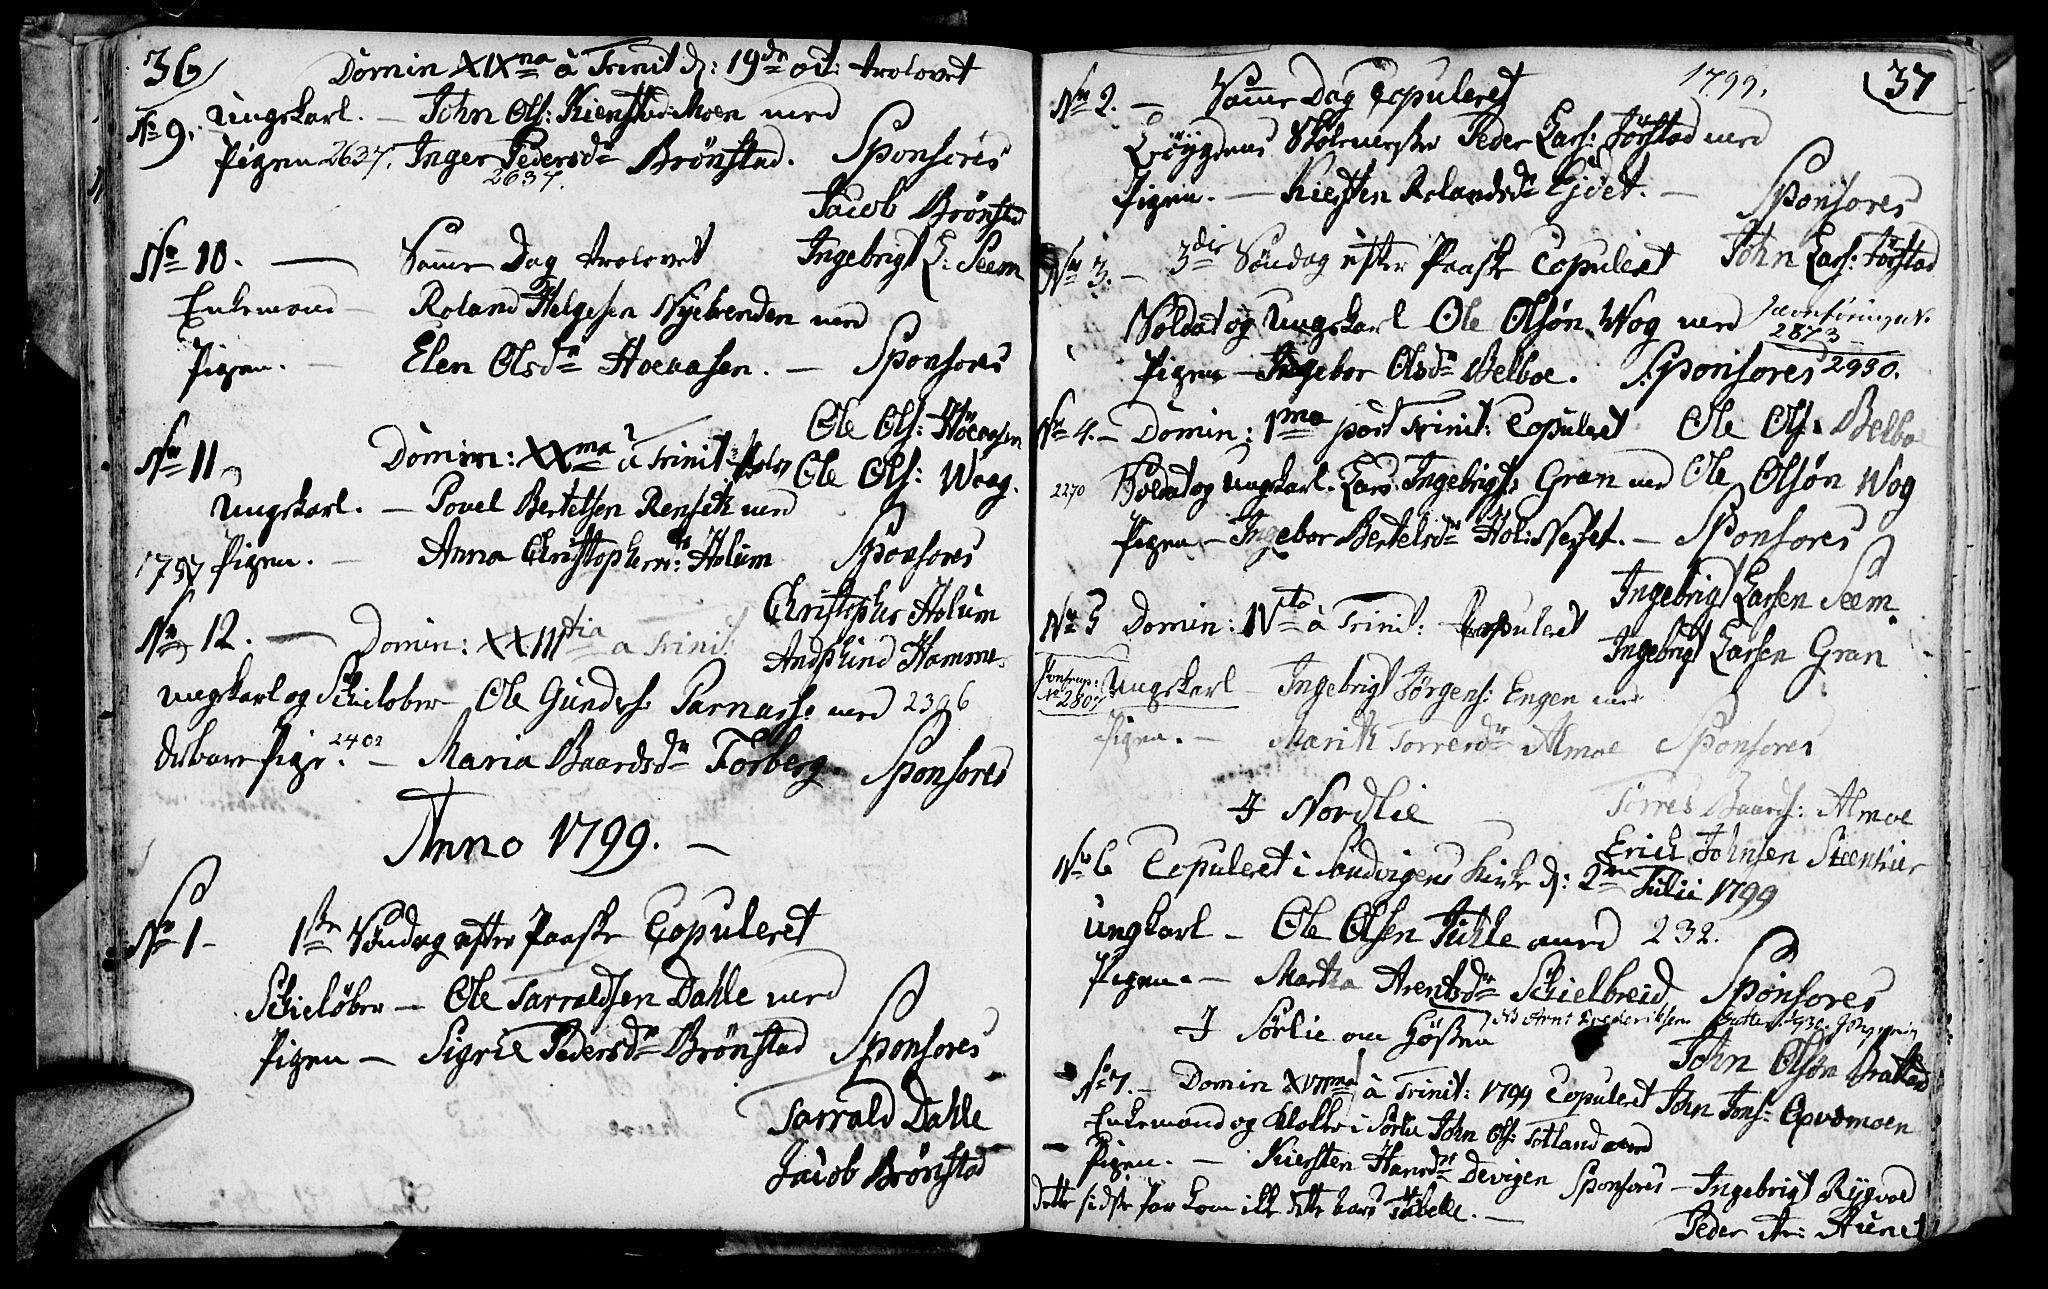 SAT, Ministerialprotokoller, klokkerbøker og fødselsregistre - Nord-Trøndelag, 749/L0468: Ministerialbok nr. 749A02, 1787-1817, s. 36-37